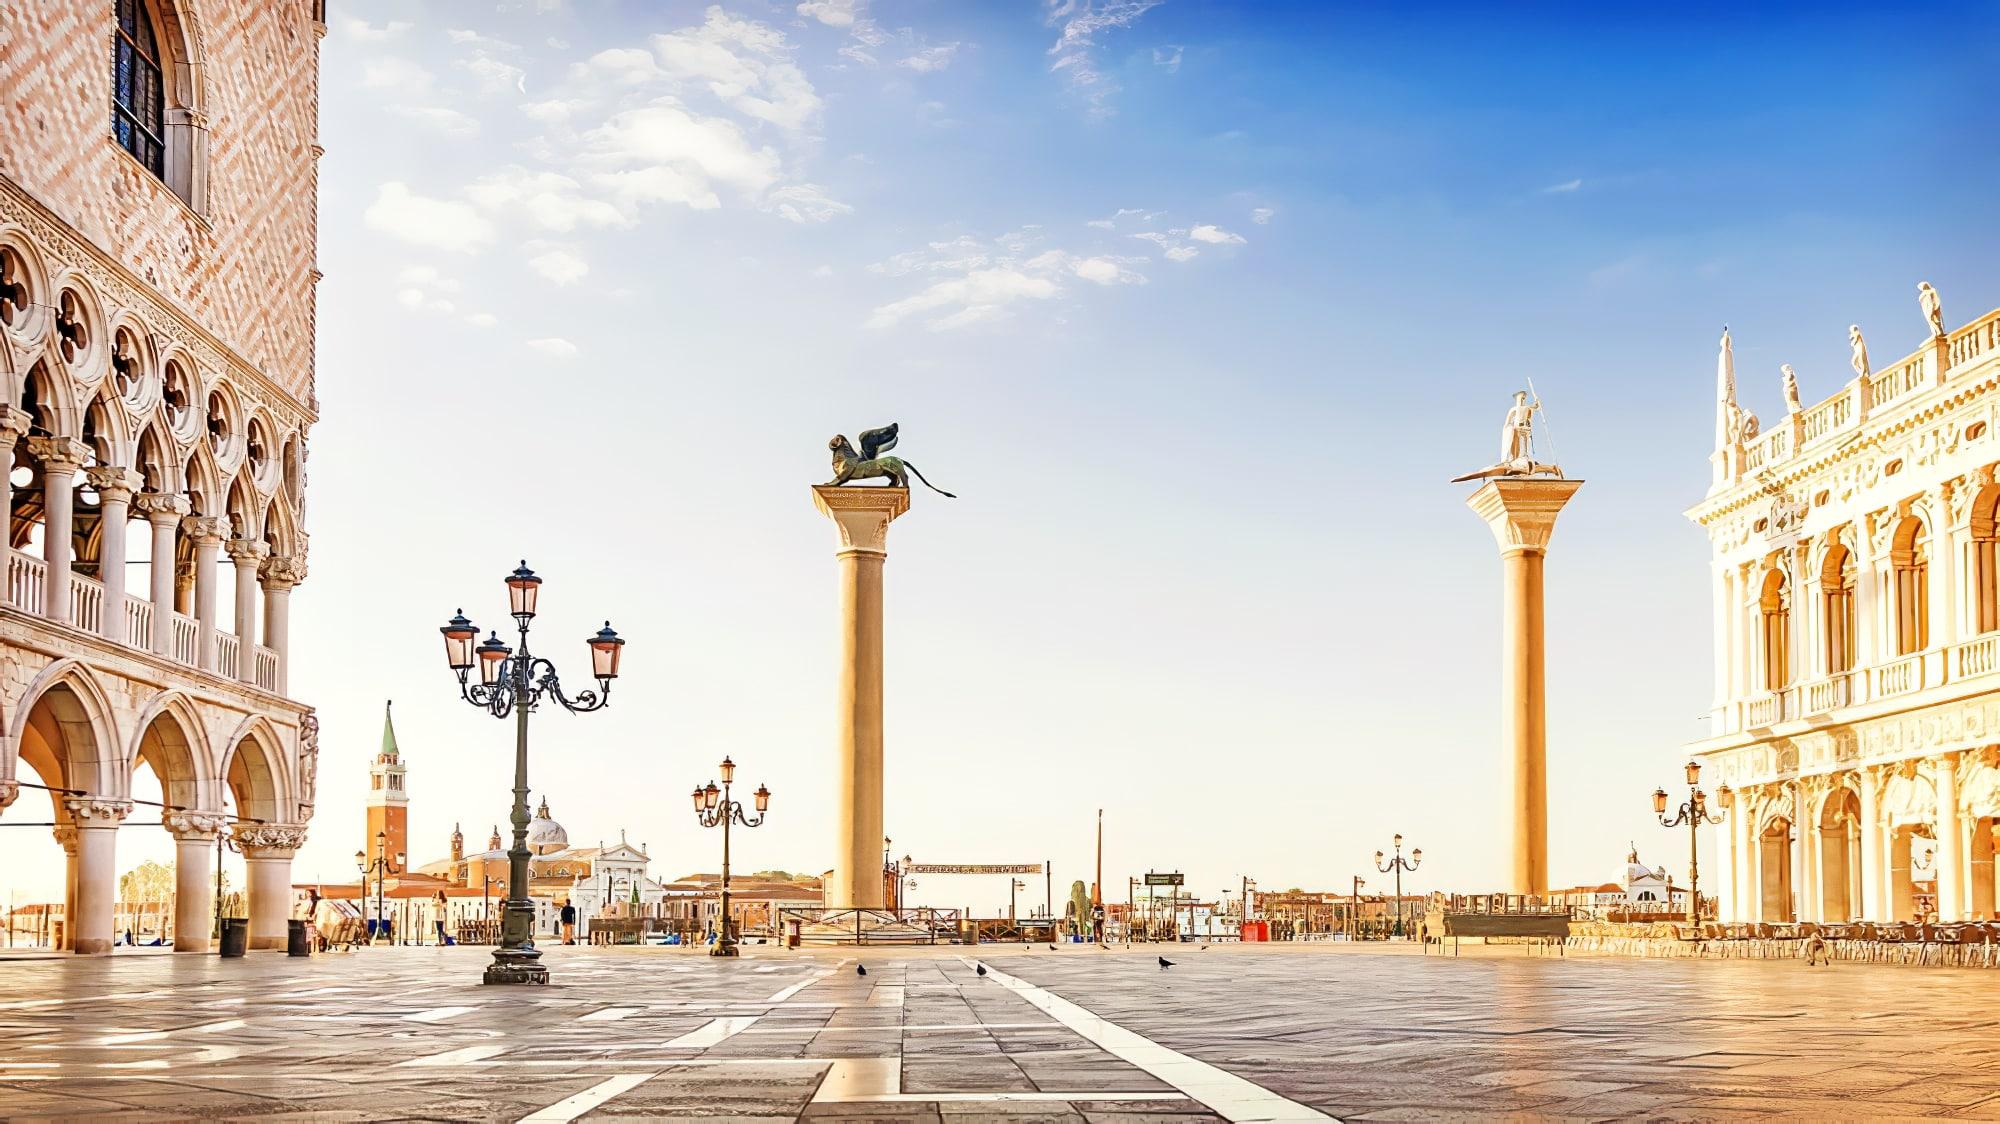 Place Saint-Marc